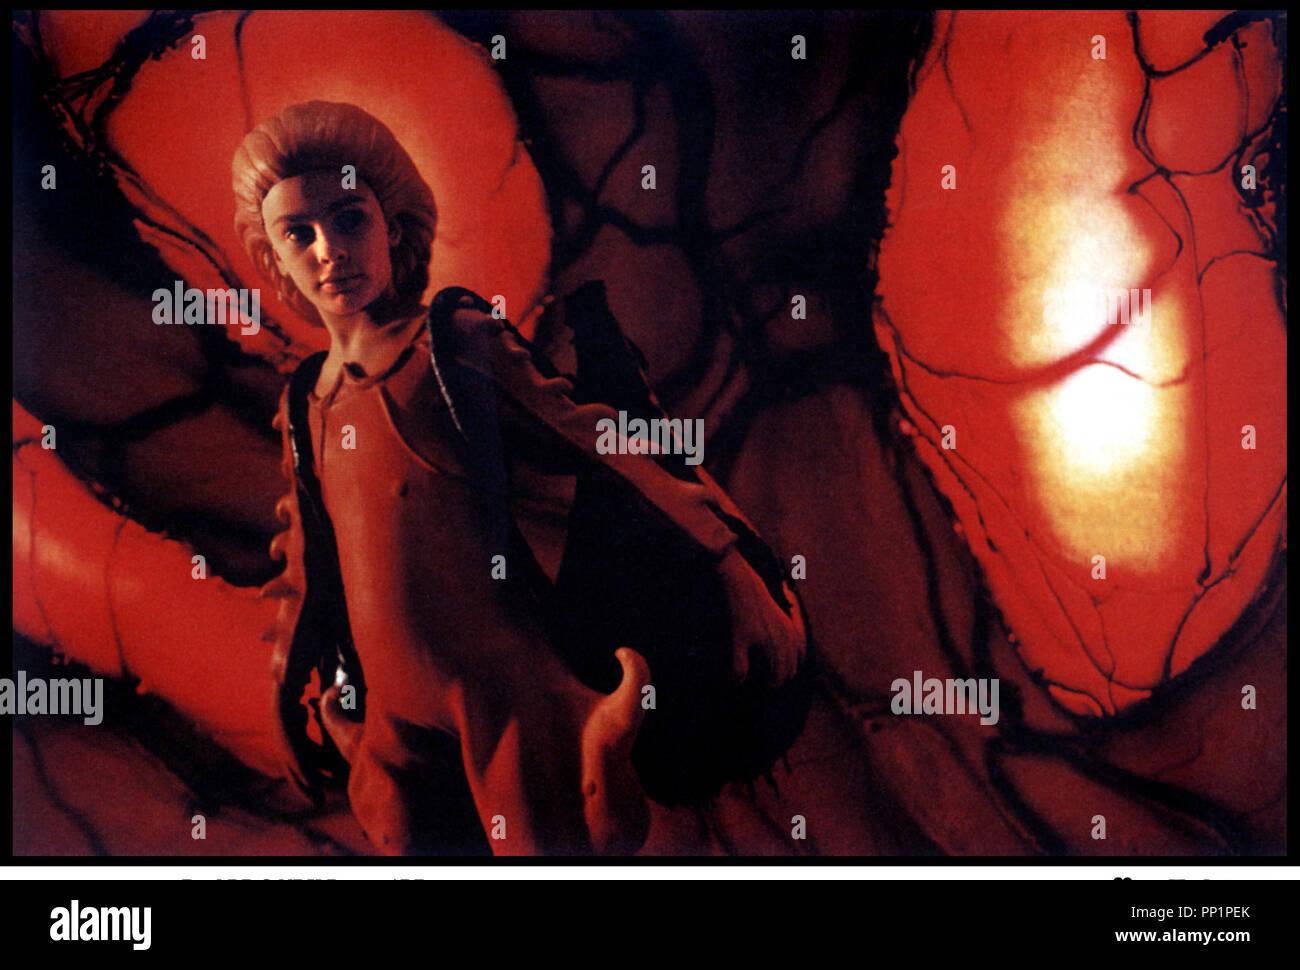 Prod DB © NRK Drama / DR SIMON AU PAYS DES GLOBULES (JAKTEN PA NYRESTEINEN) de Vibeke Idsoe 1996 NORVEGE avec Torbjorn T. Jensen fantastique, enfant, super-hŽros - Stock Image